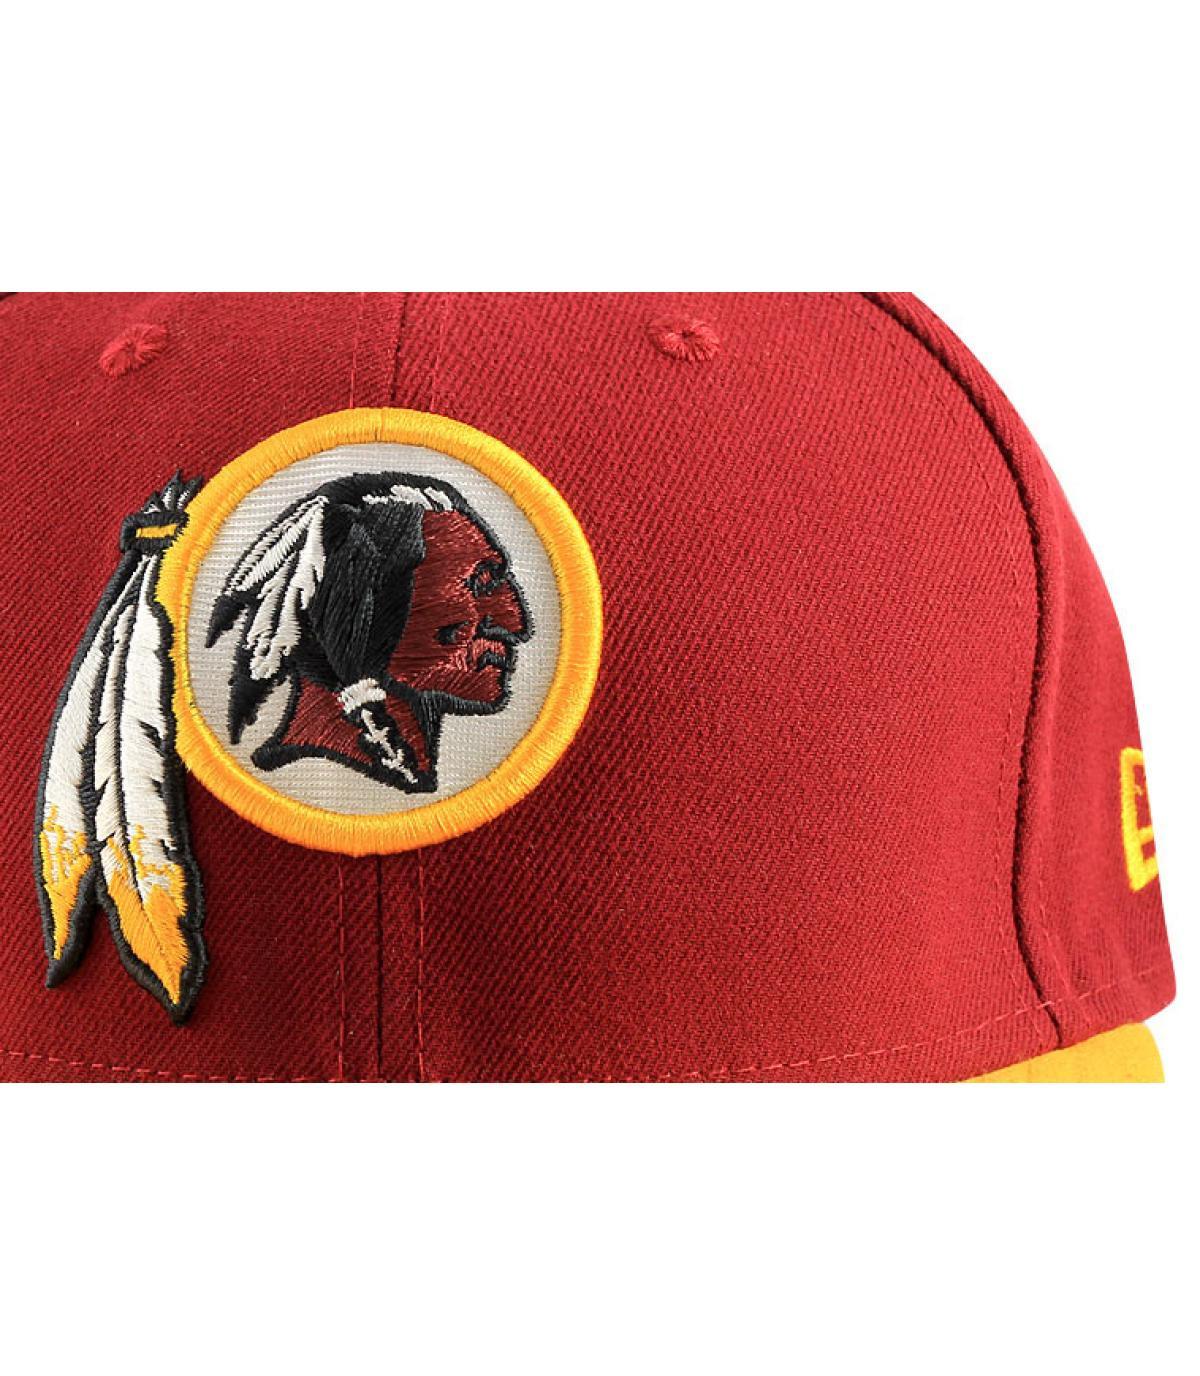 Détails Casquette Redskins 59fifty rouge - image 2